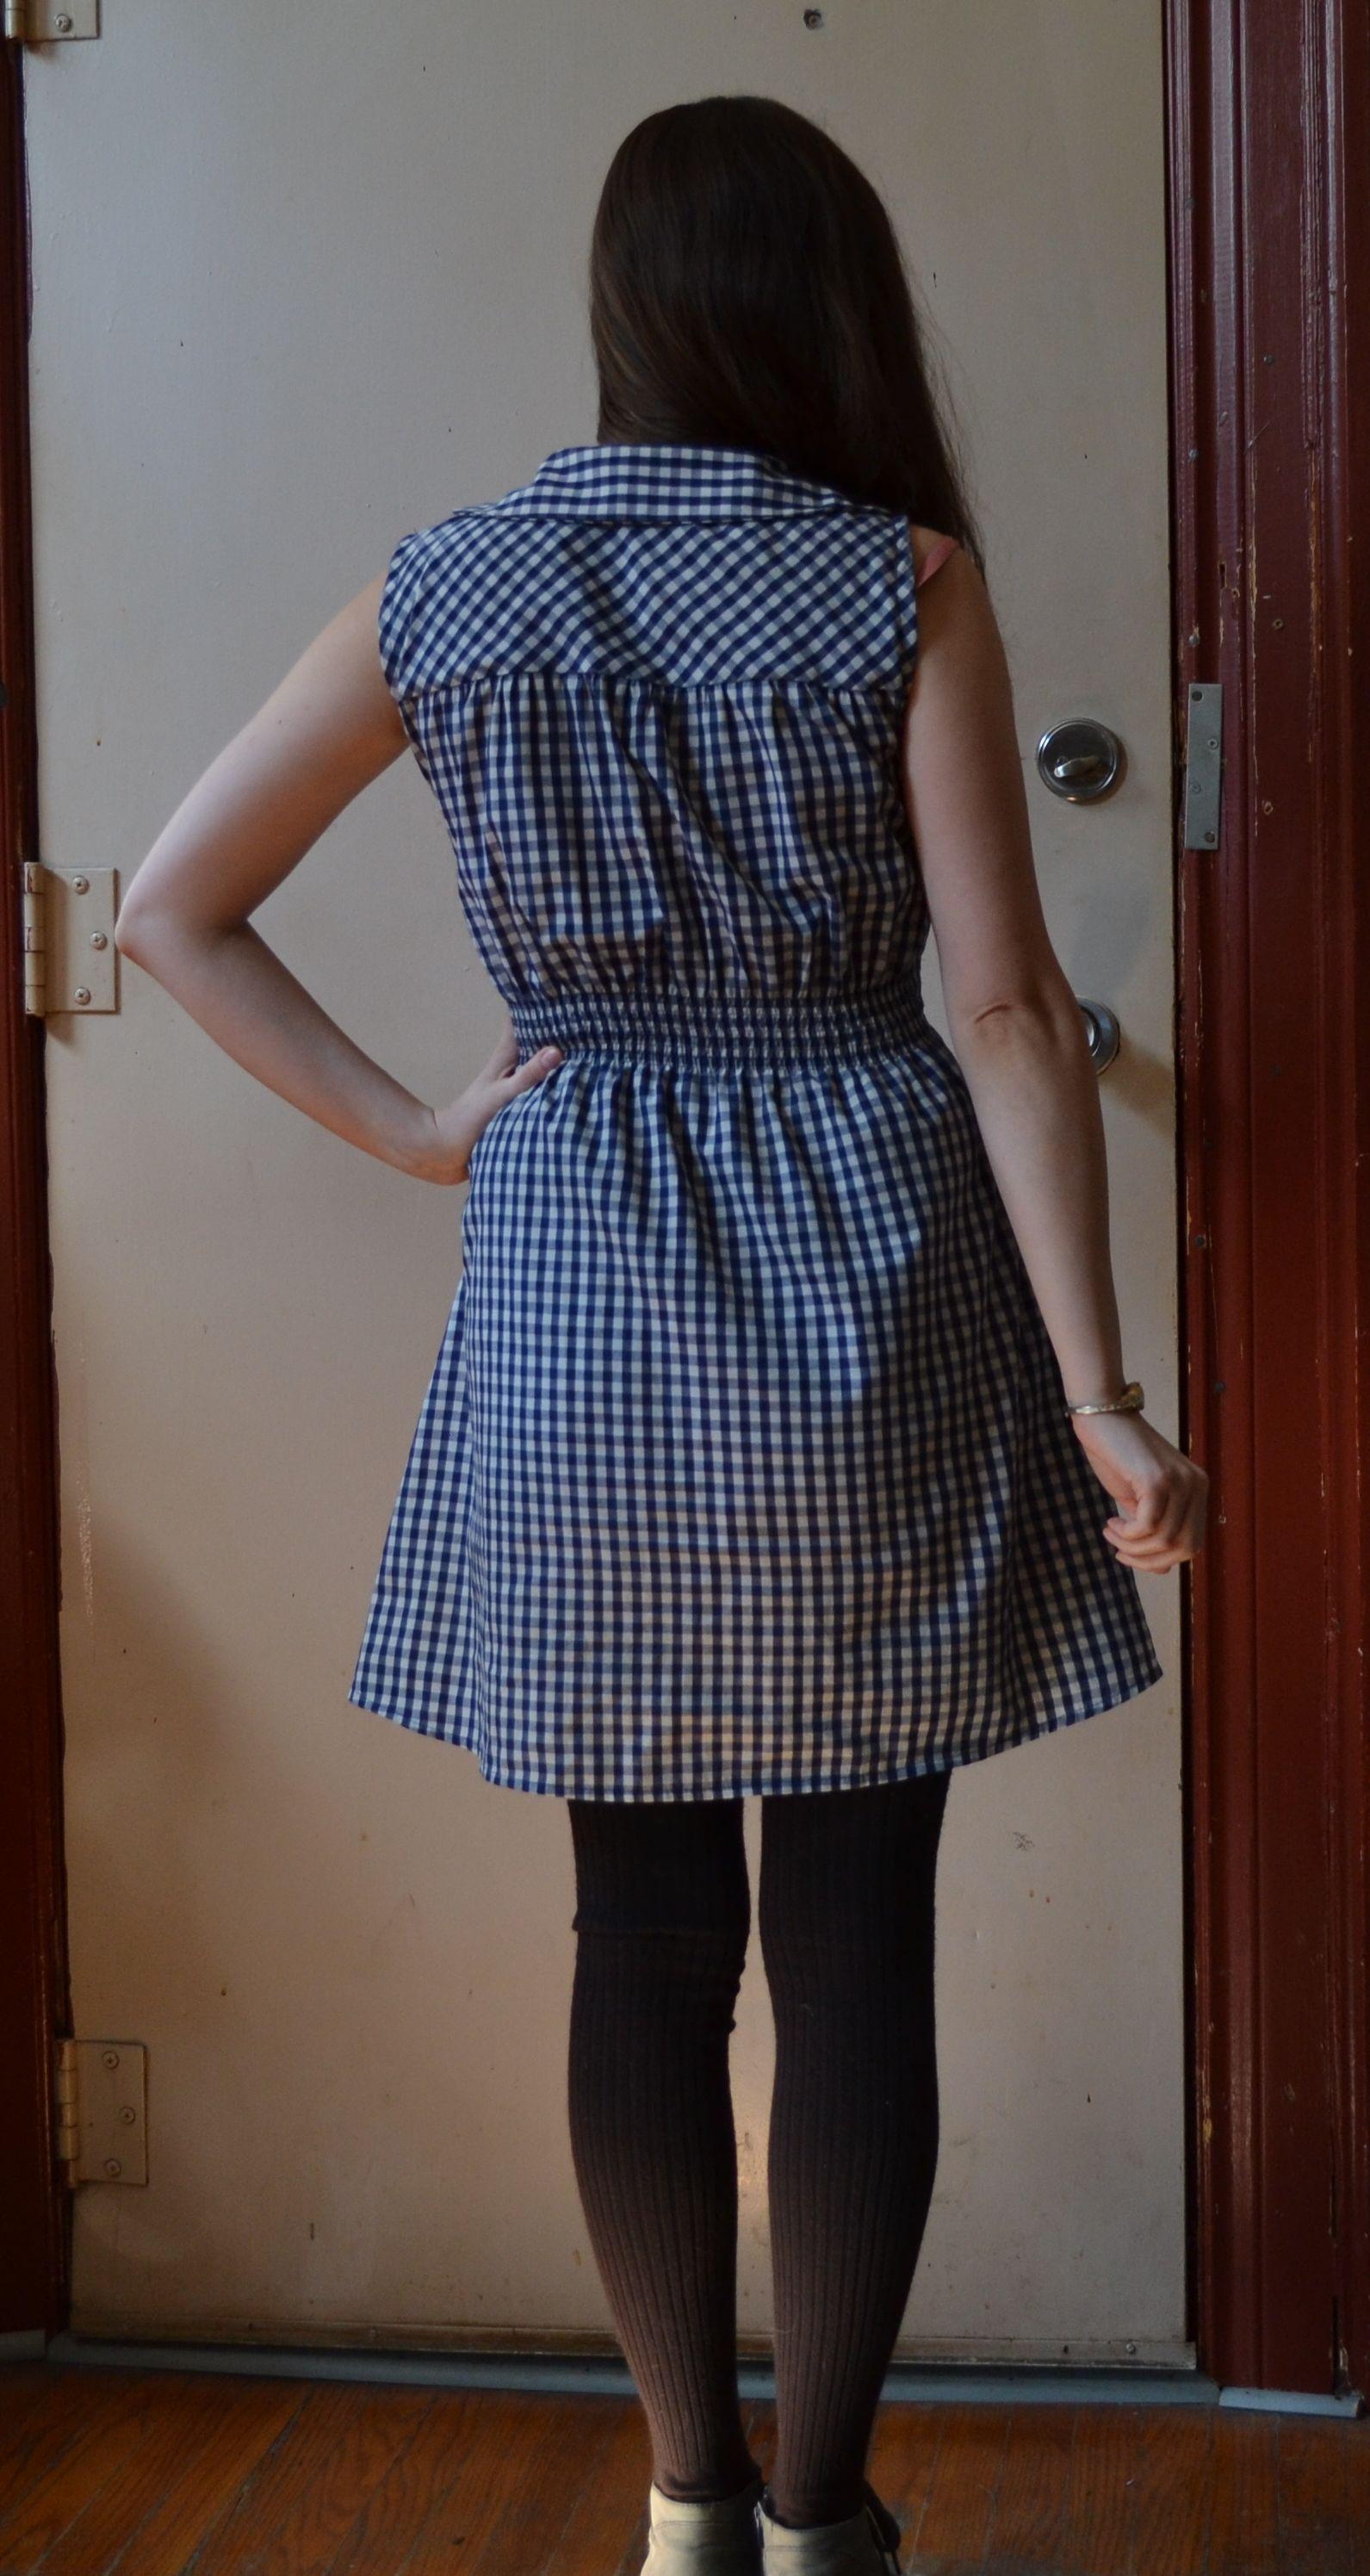 Gertie's book for better sewing shirtwaist dress